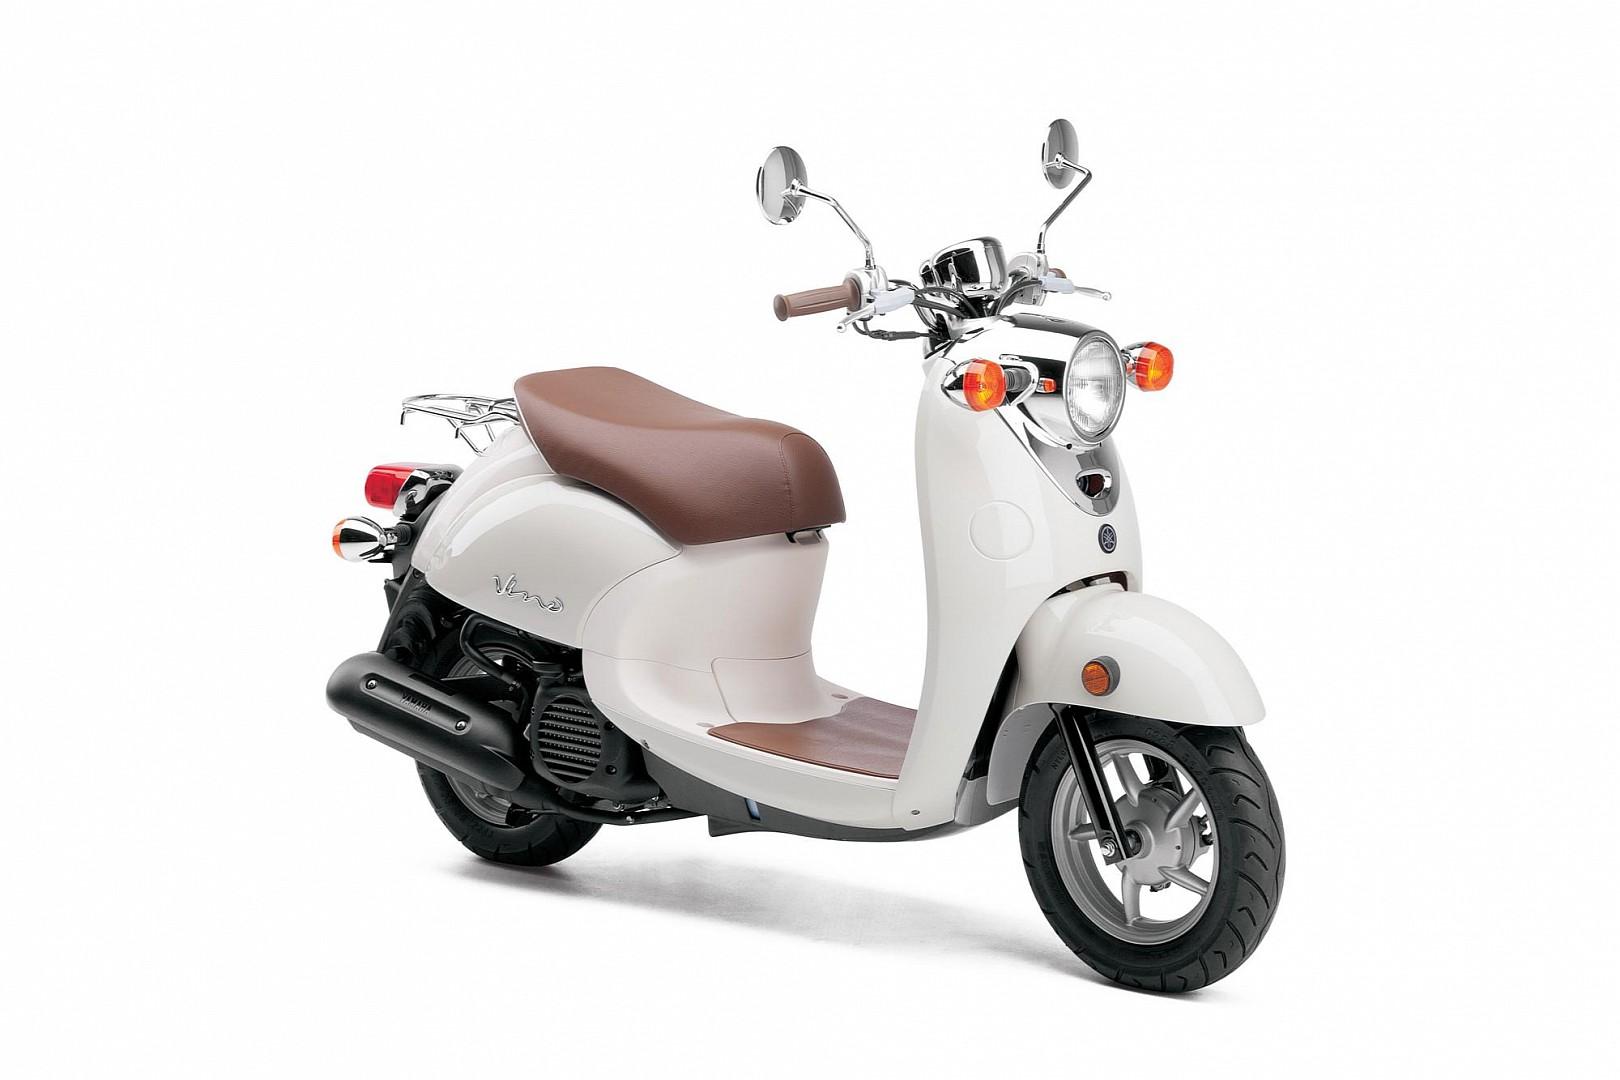 Yamaha Zuma Scooter Vs Honda Elite